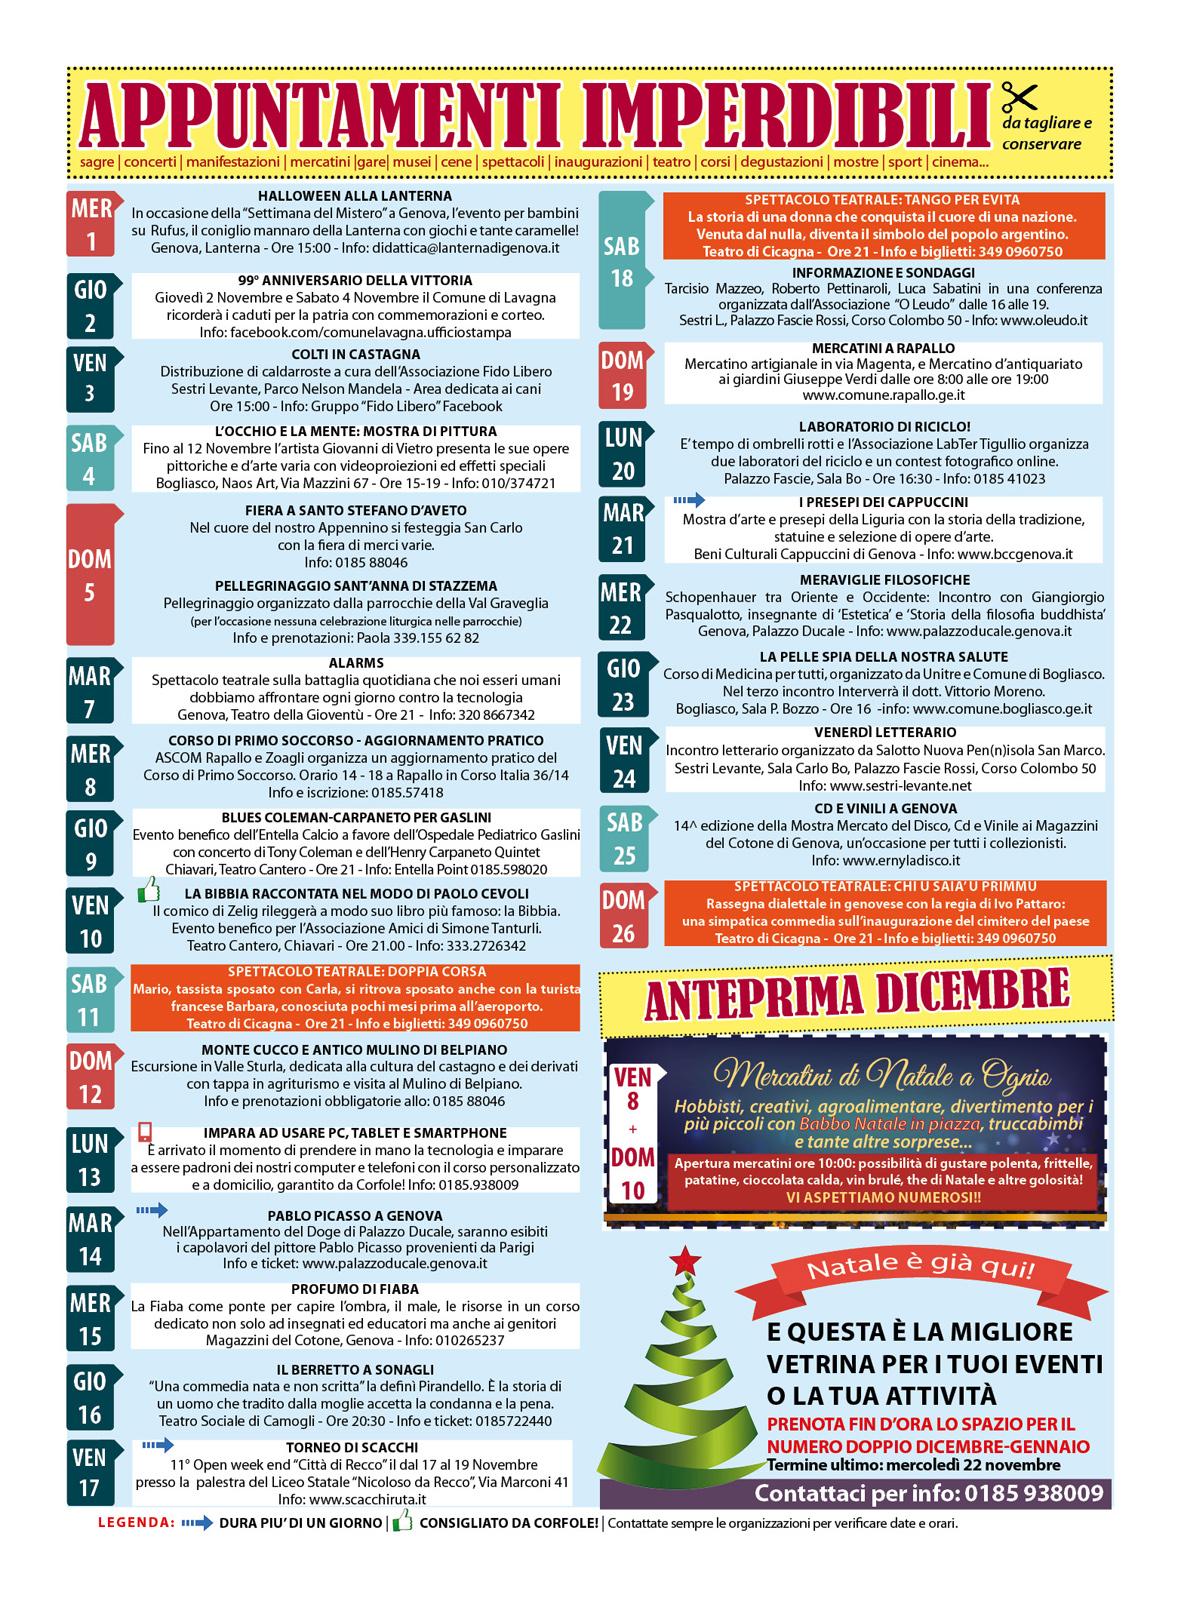 CALENDARIO EVENTI NOVEMBRE: sagre, mercatini, concerti, spettacoli, teatro, mostre, corsi, ristoranti e molto altro